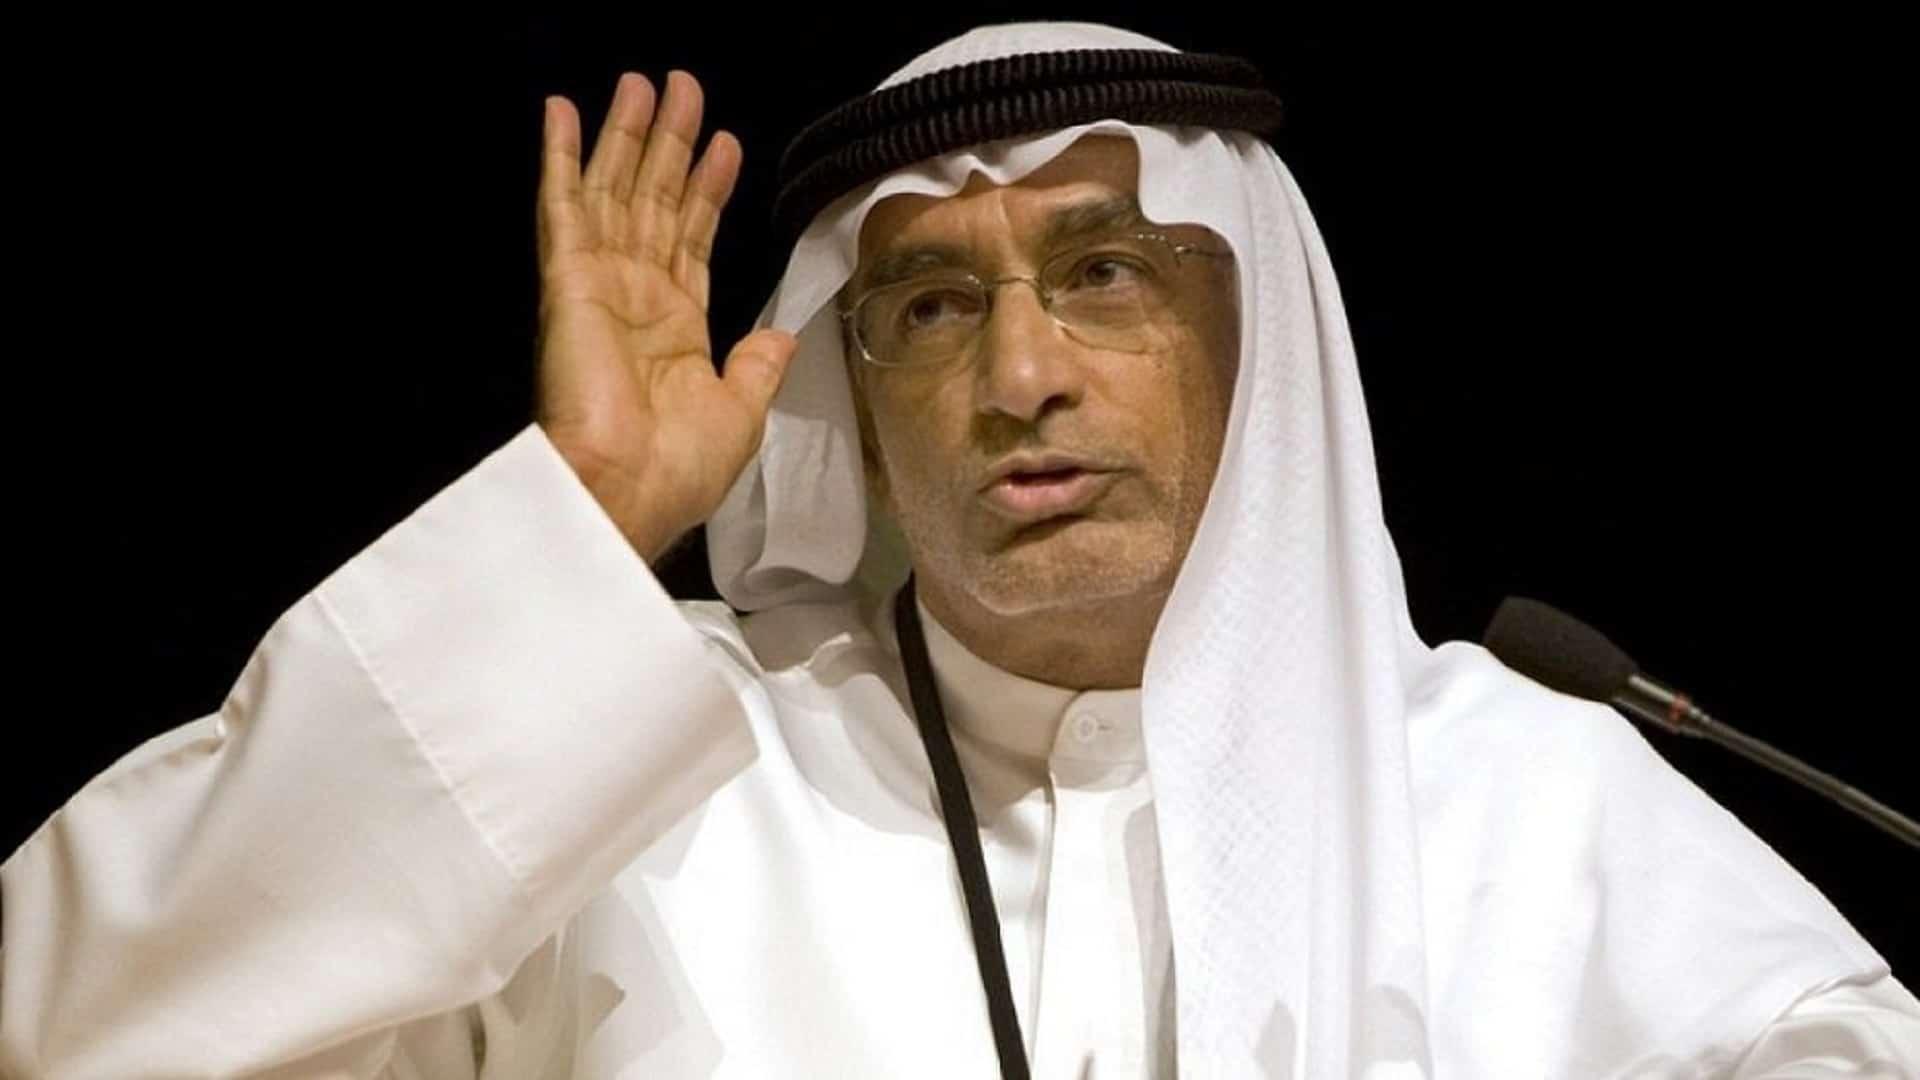 عبدالخالق عبدالله يبرر خيانة الإمارات وتطبيعها: دعمنا لفلسطين لم يتراجع شبرا واحدا